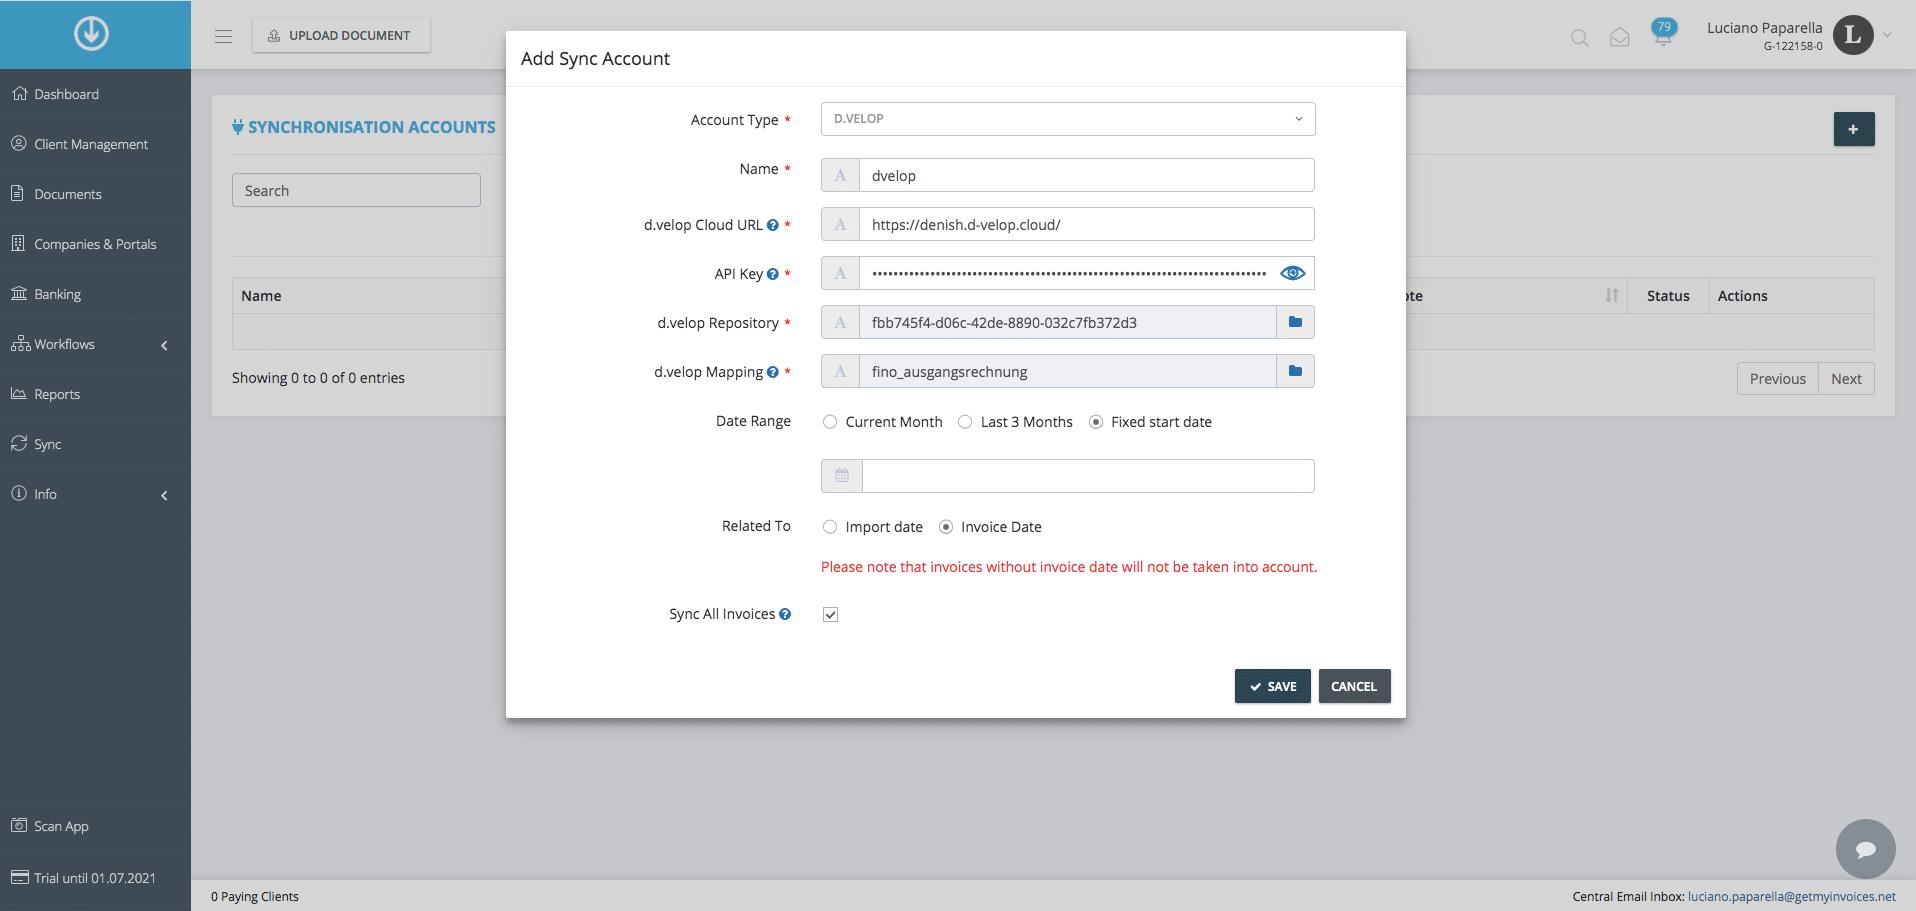 2. Exportation de document : Ajoutez les paramètres de Synchronisation